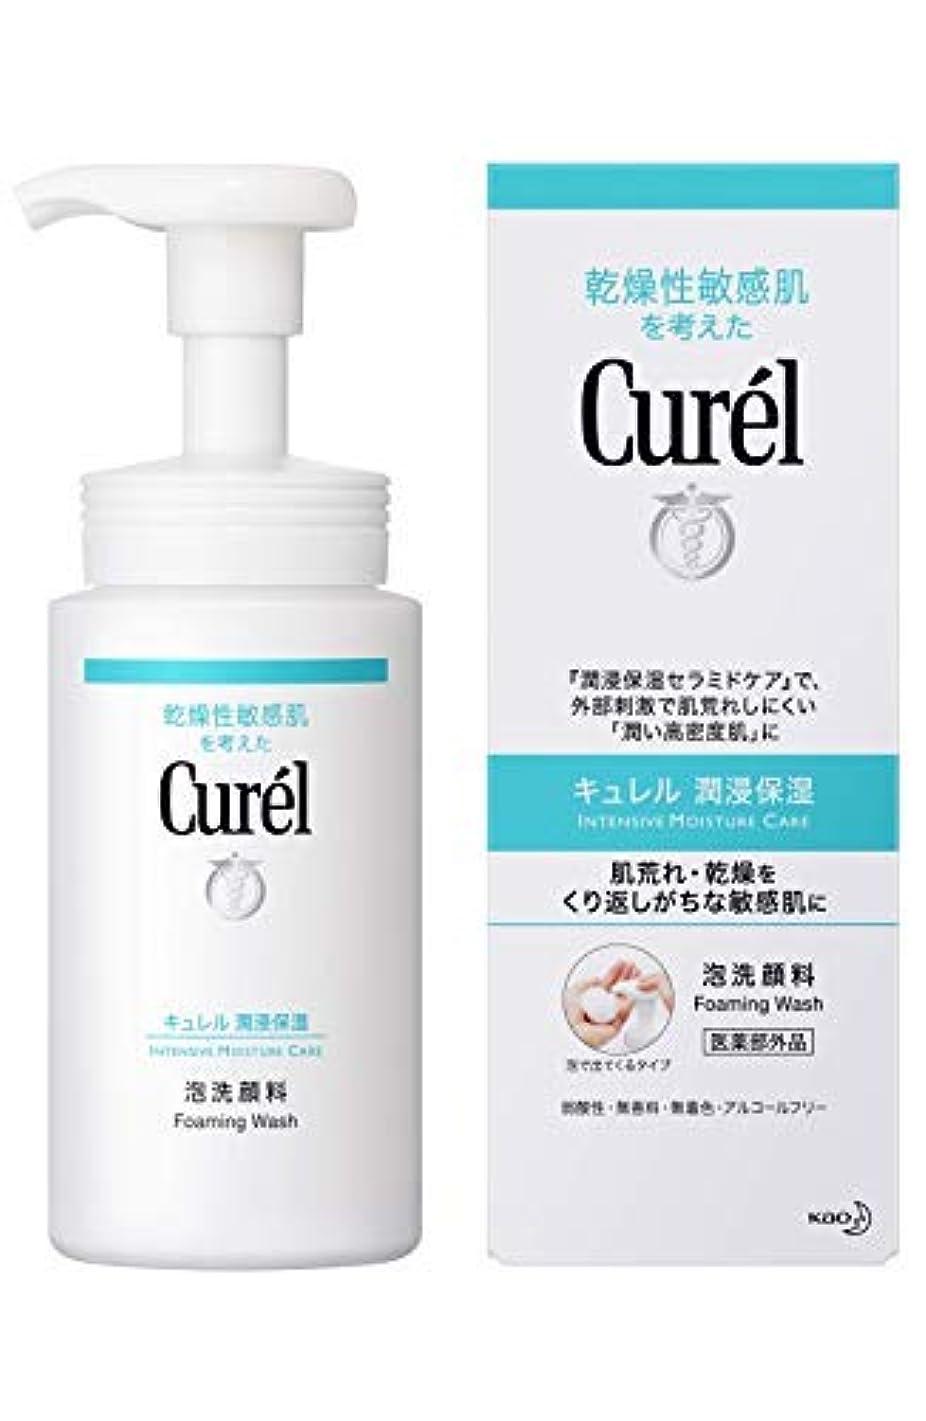 マネージャー乳苦しみ【花王】キュレル 薬用泡洗顔料 150ml ×10個セット